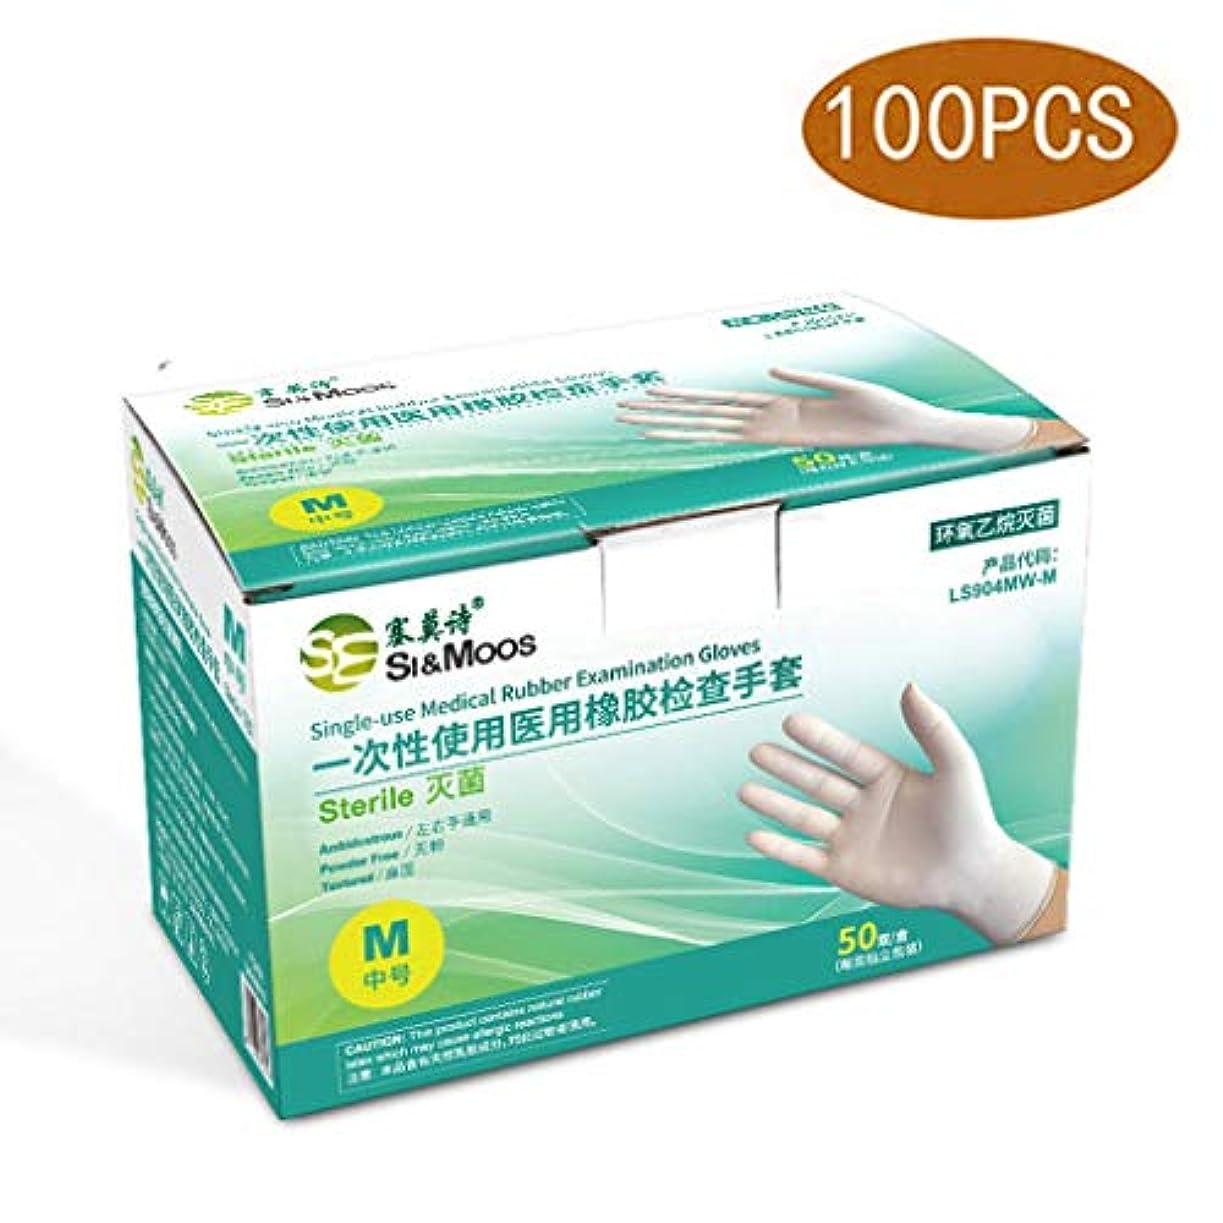 ゴールデン読書トーナメント無菌ラテックス美容防水ゴムケータリングベーキング環境保護実験義務試験手袋|病院向けのプロフェッショナルグレード (Size : XS)